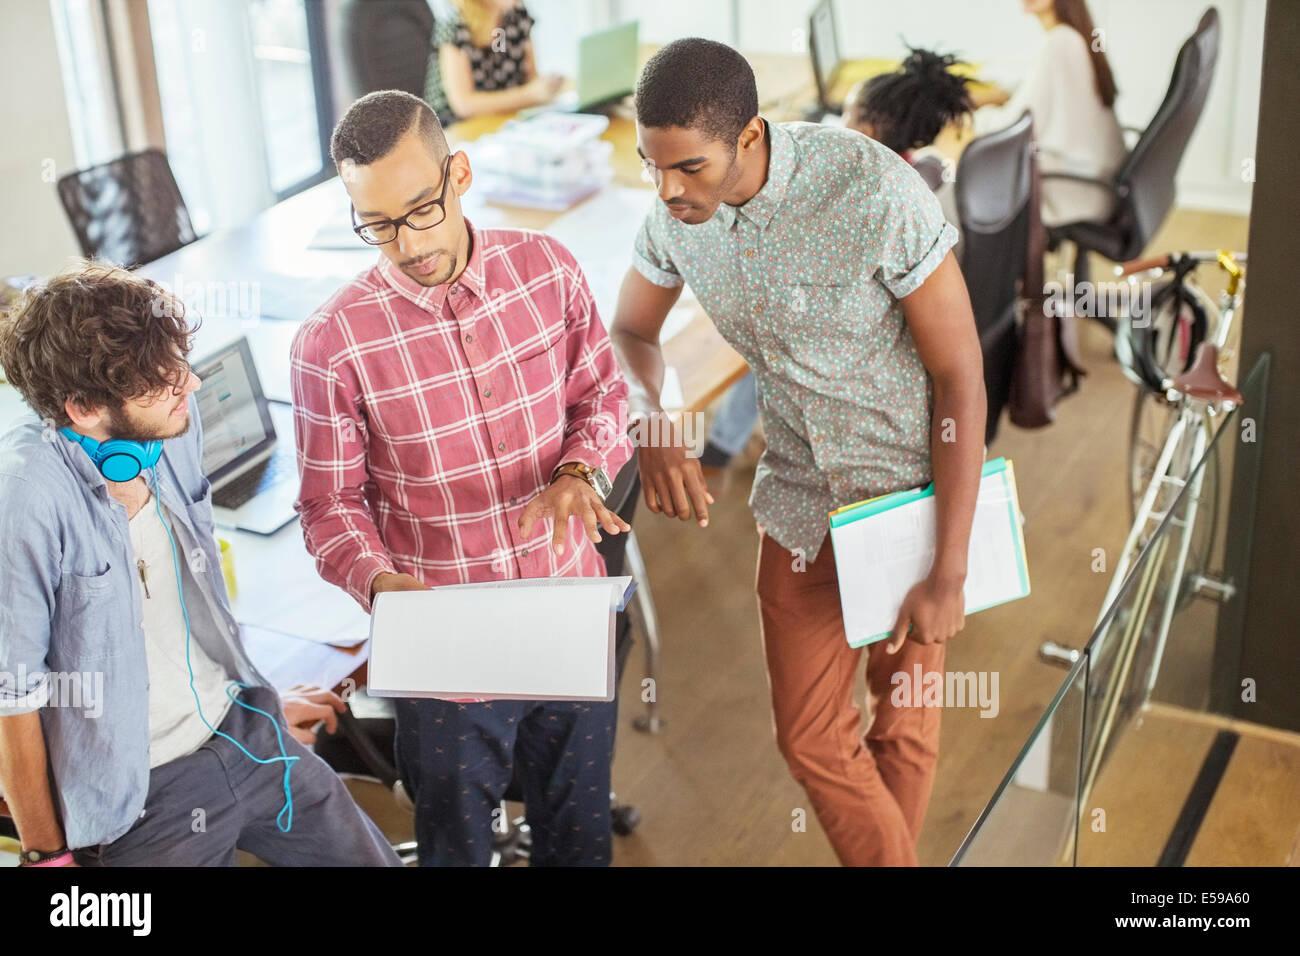 Menschen im Büro zusammenarbeiten Stockbild